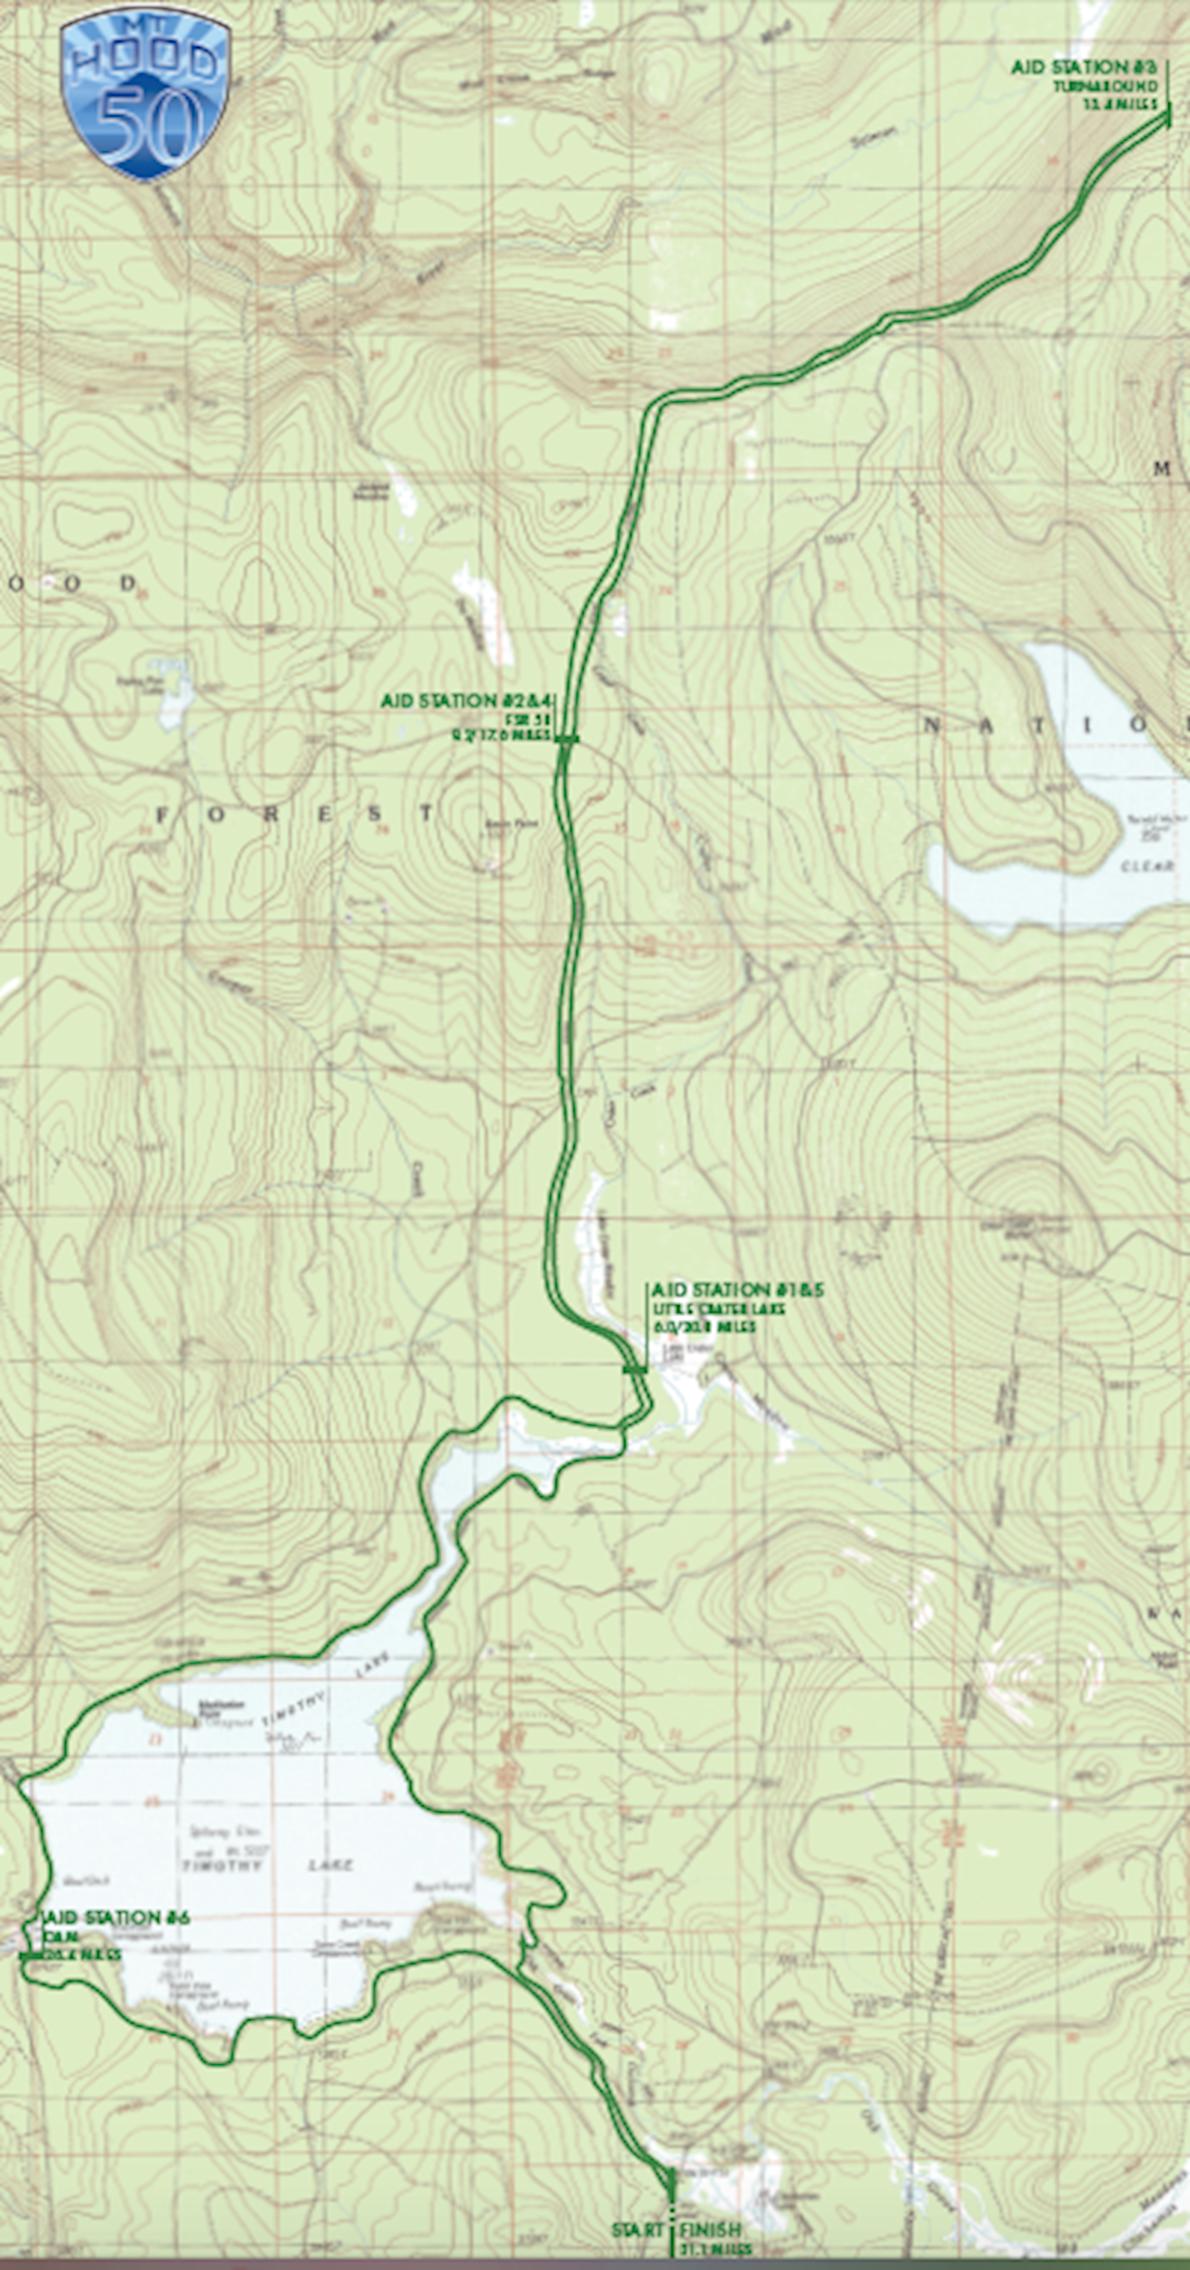 Mt. Hood 50km Mappa del percorso